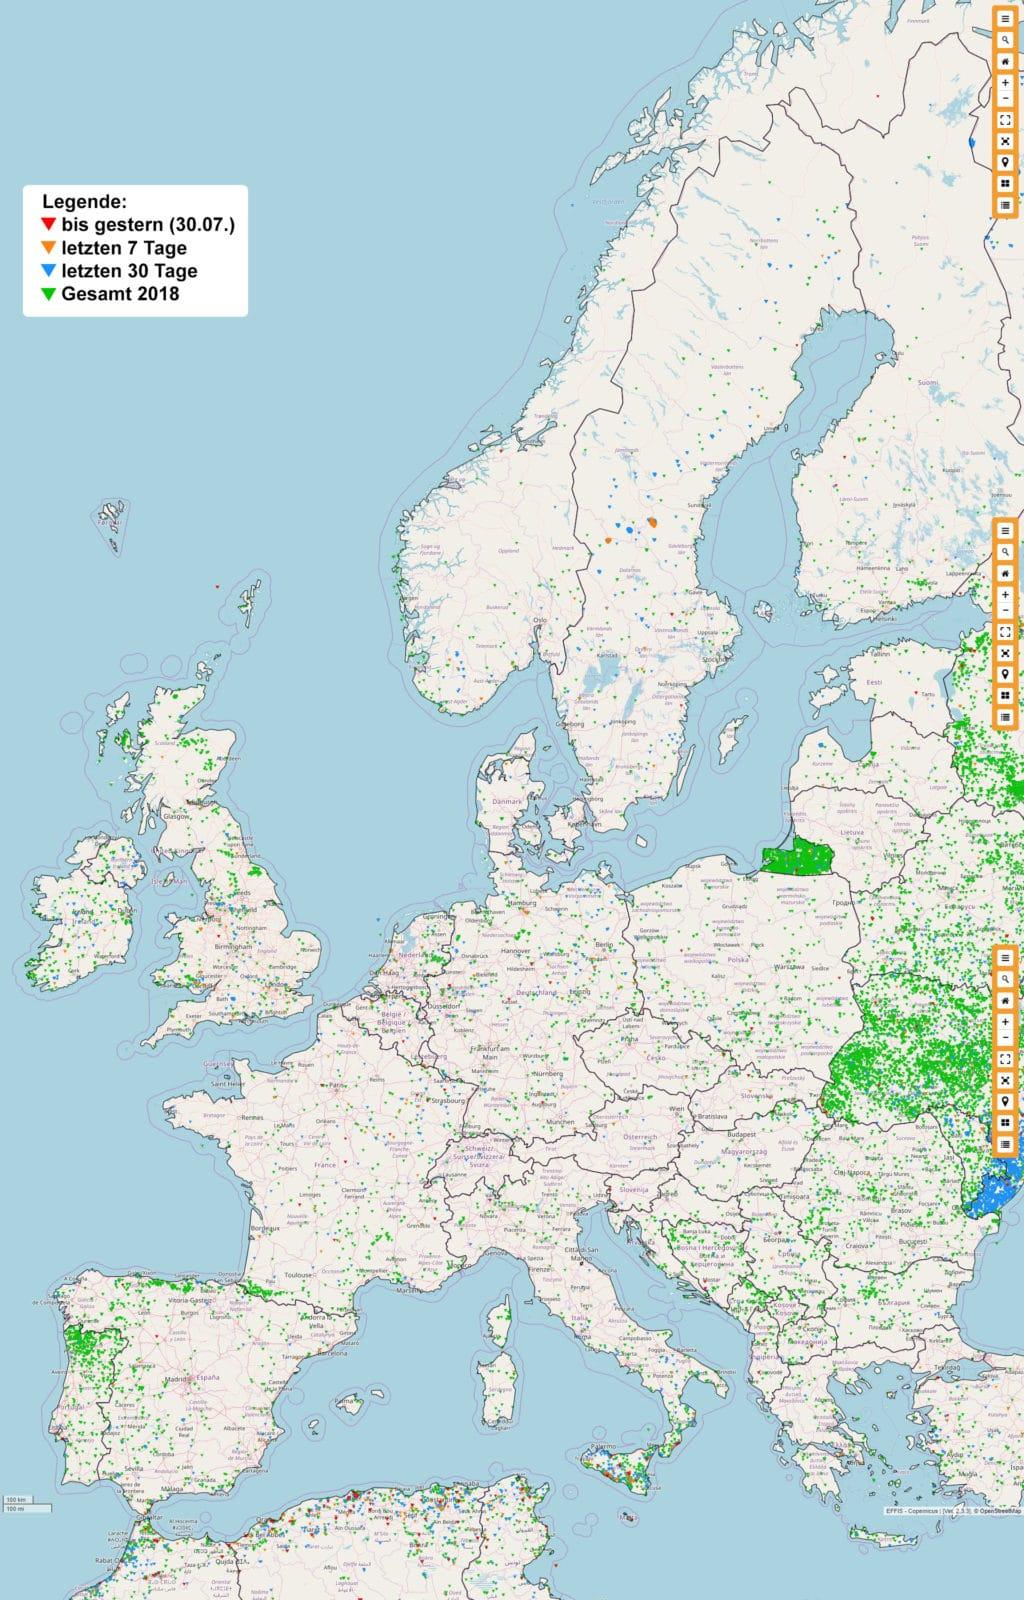 Schweden Waldbrände Karte.Brauchen Deutsche Feuerwehren Löschflugzeuge Feuerwehr Magazin